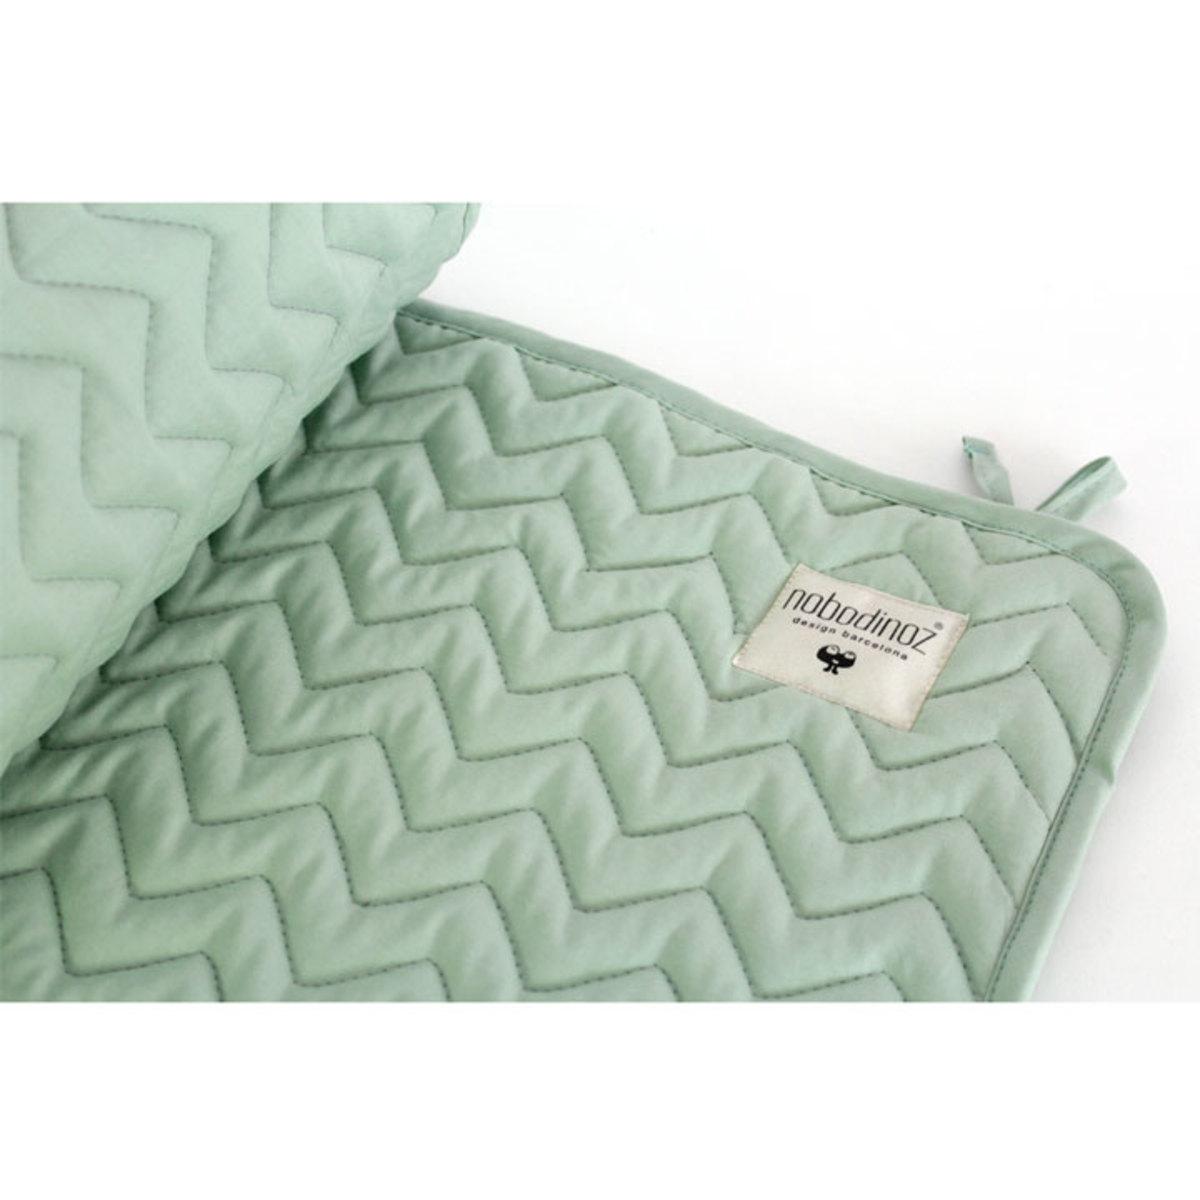 nobodinoz tour de lit alexandria pure line vert menthe linge de lit nobodinoz sur l 39 armoire. Black Bedroom Furniture Sets. Home Design Ideas